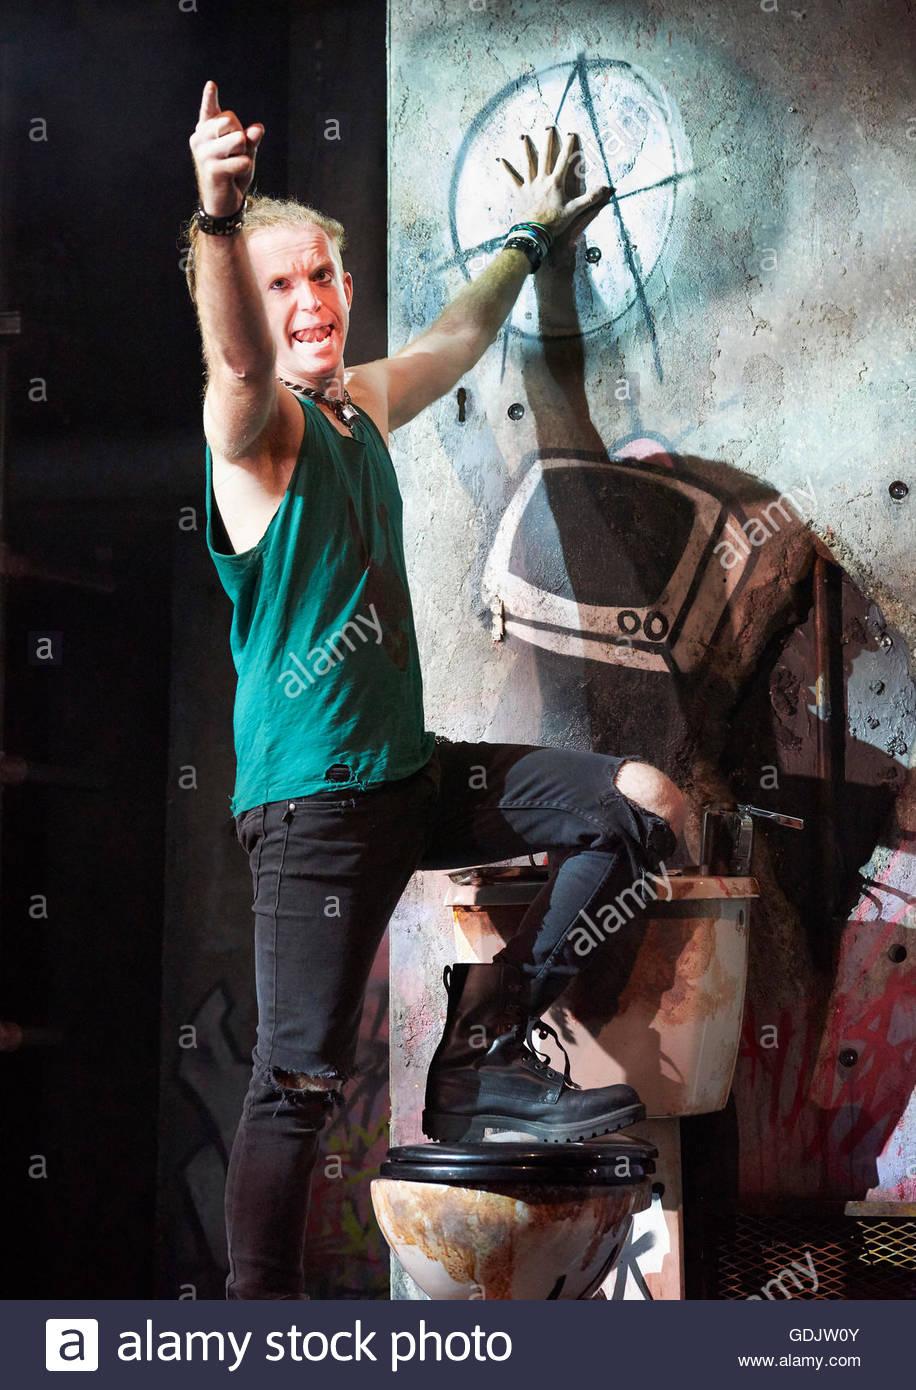 American Idiot The Musical. Basé sur l'album de Green Day. Paroles et musique de Billie Joe Armstrong livre Photo Stock